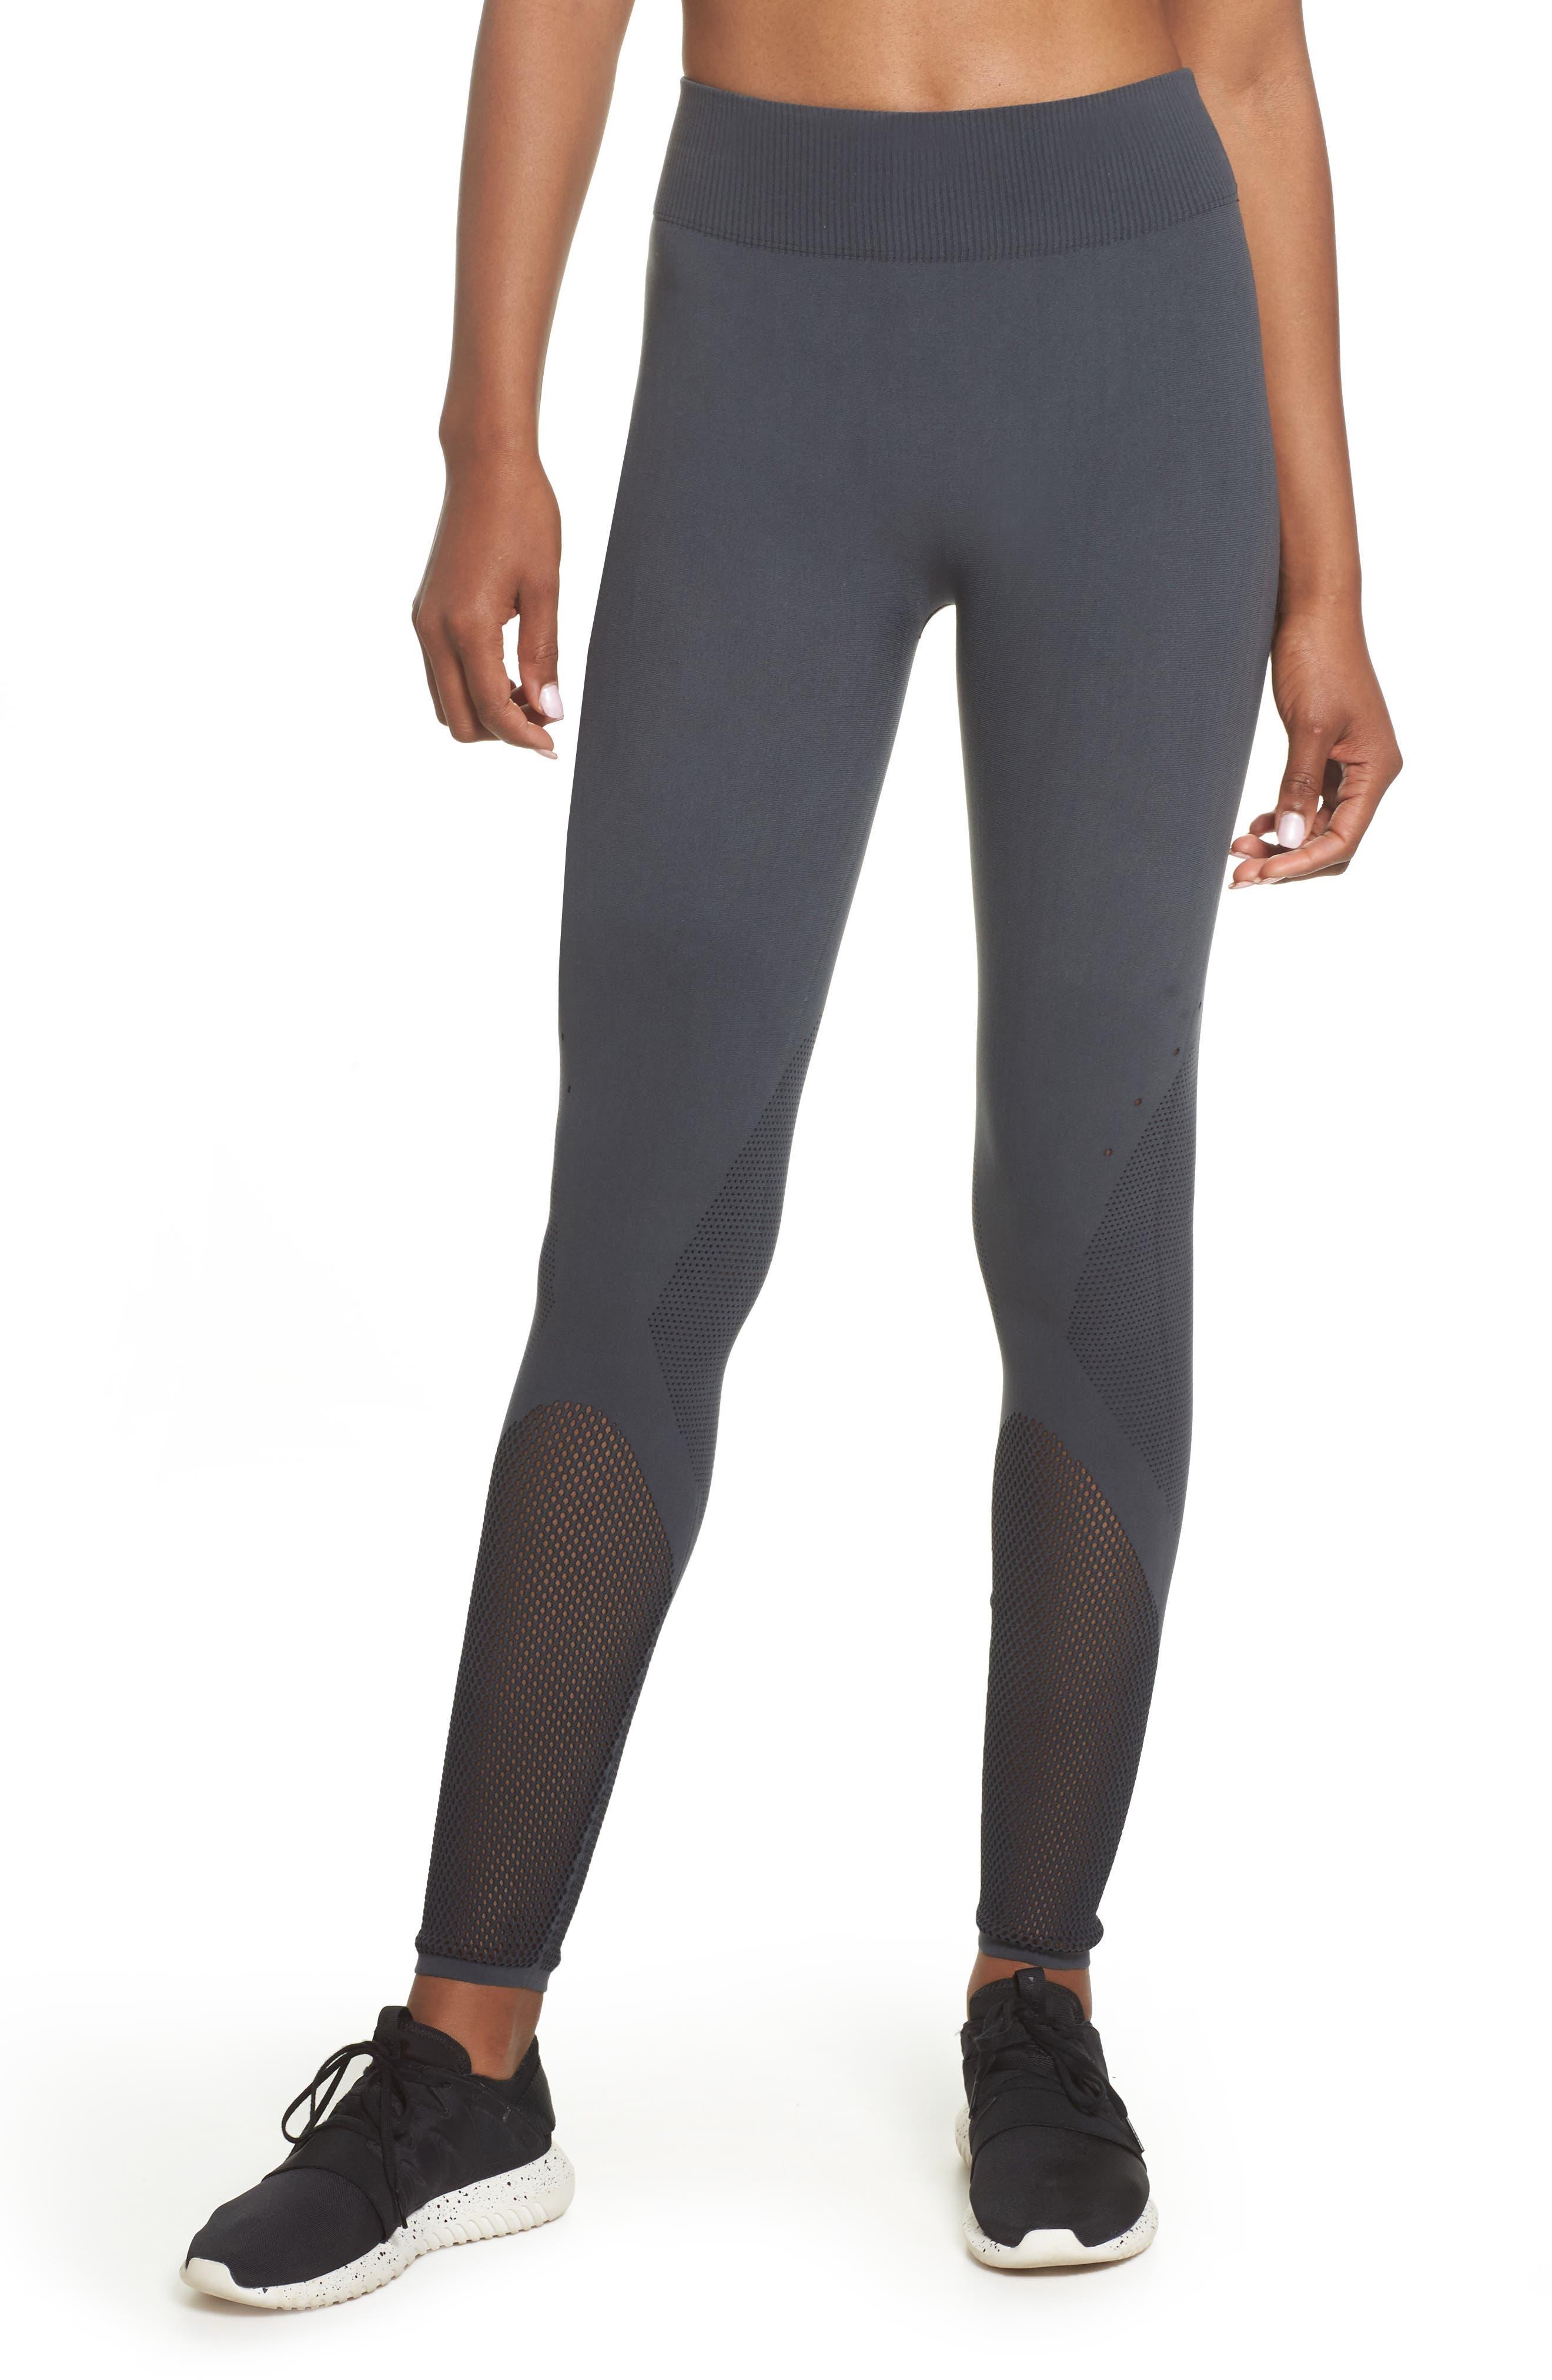 Warp Climacool<sup>®</sup> Knit Tights,                             Main thumbnail 1, color,                             Carbon/ Black